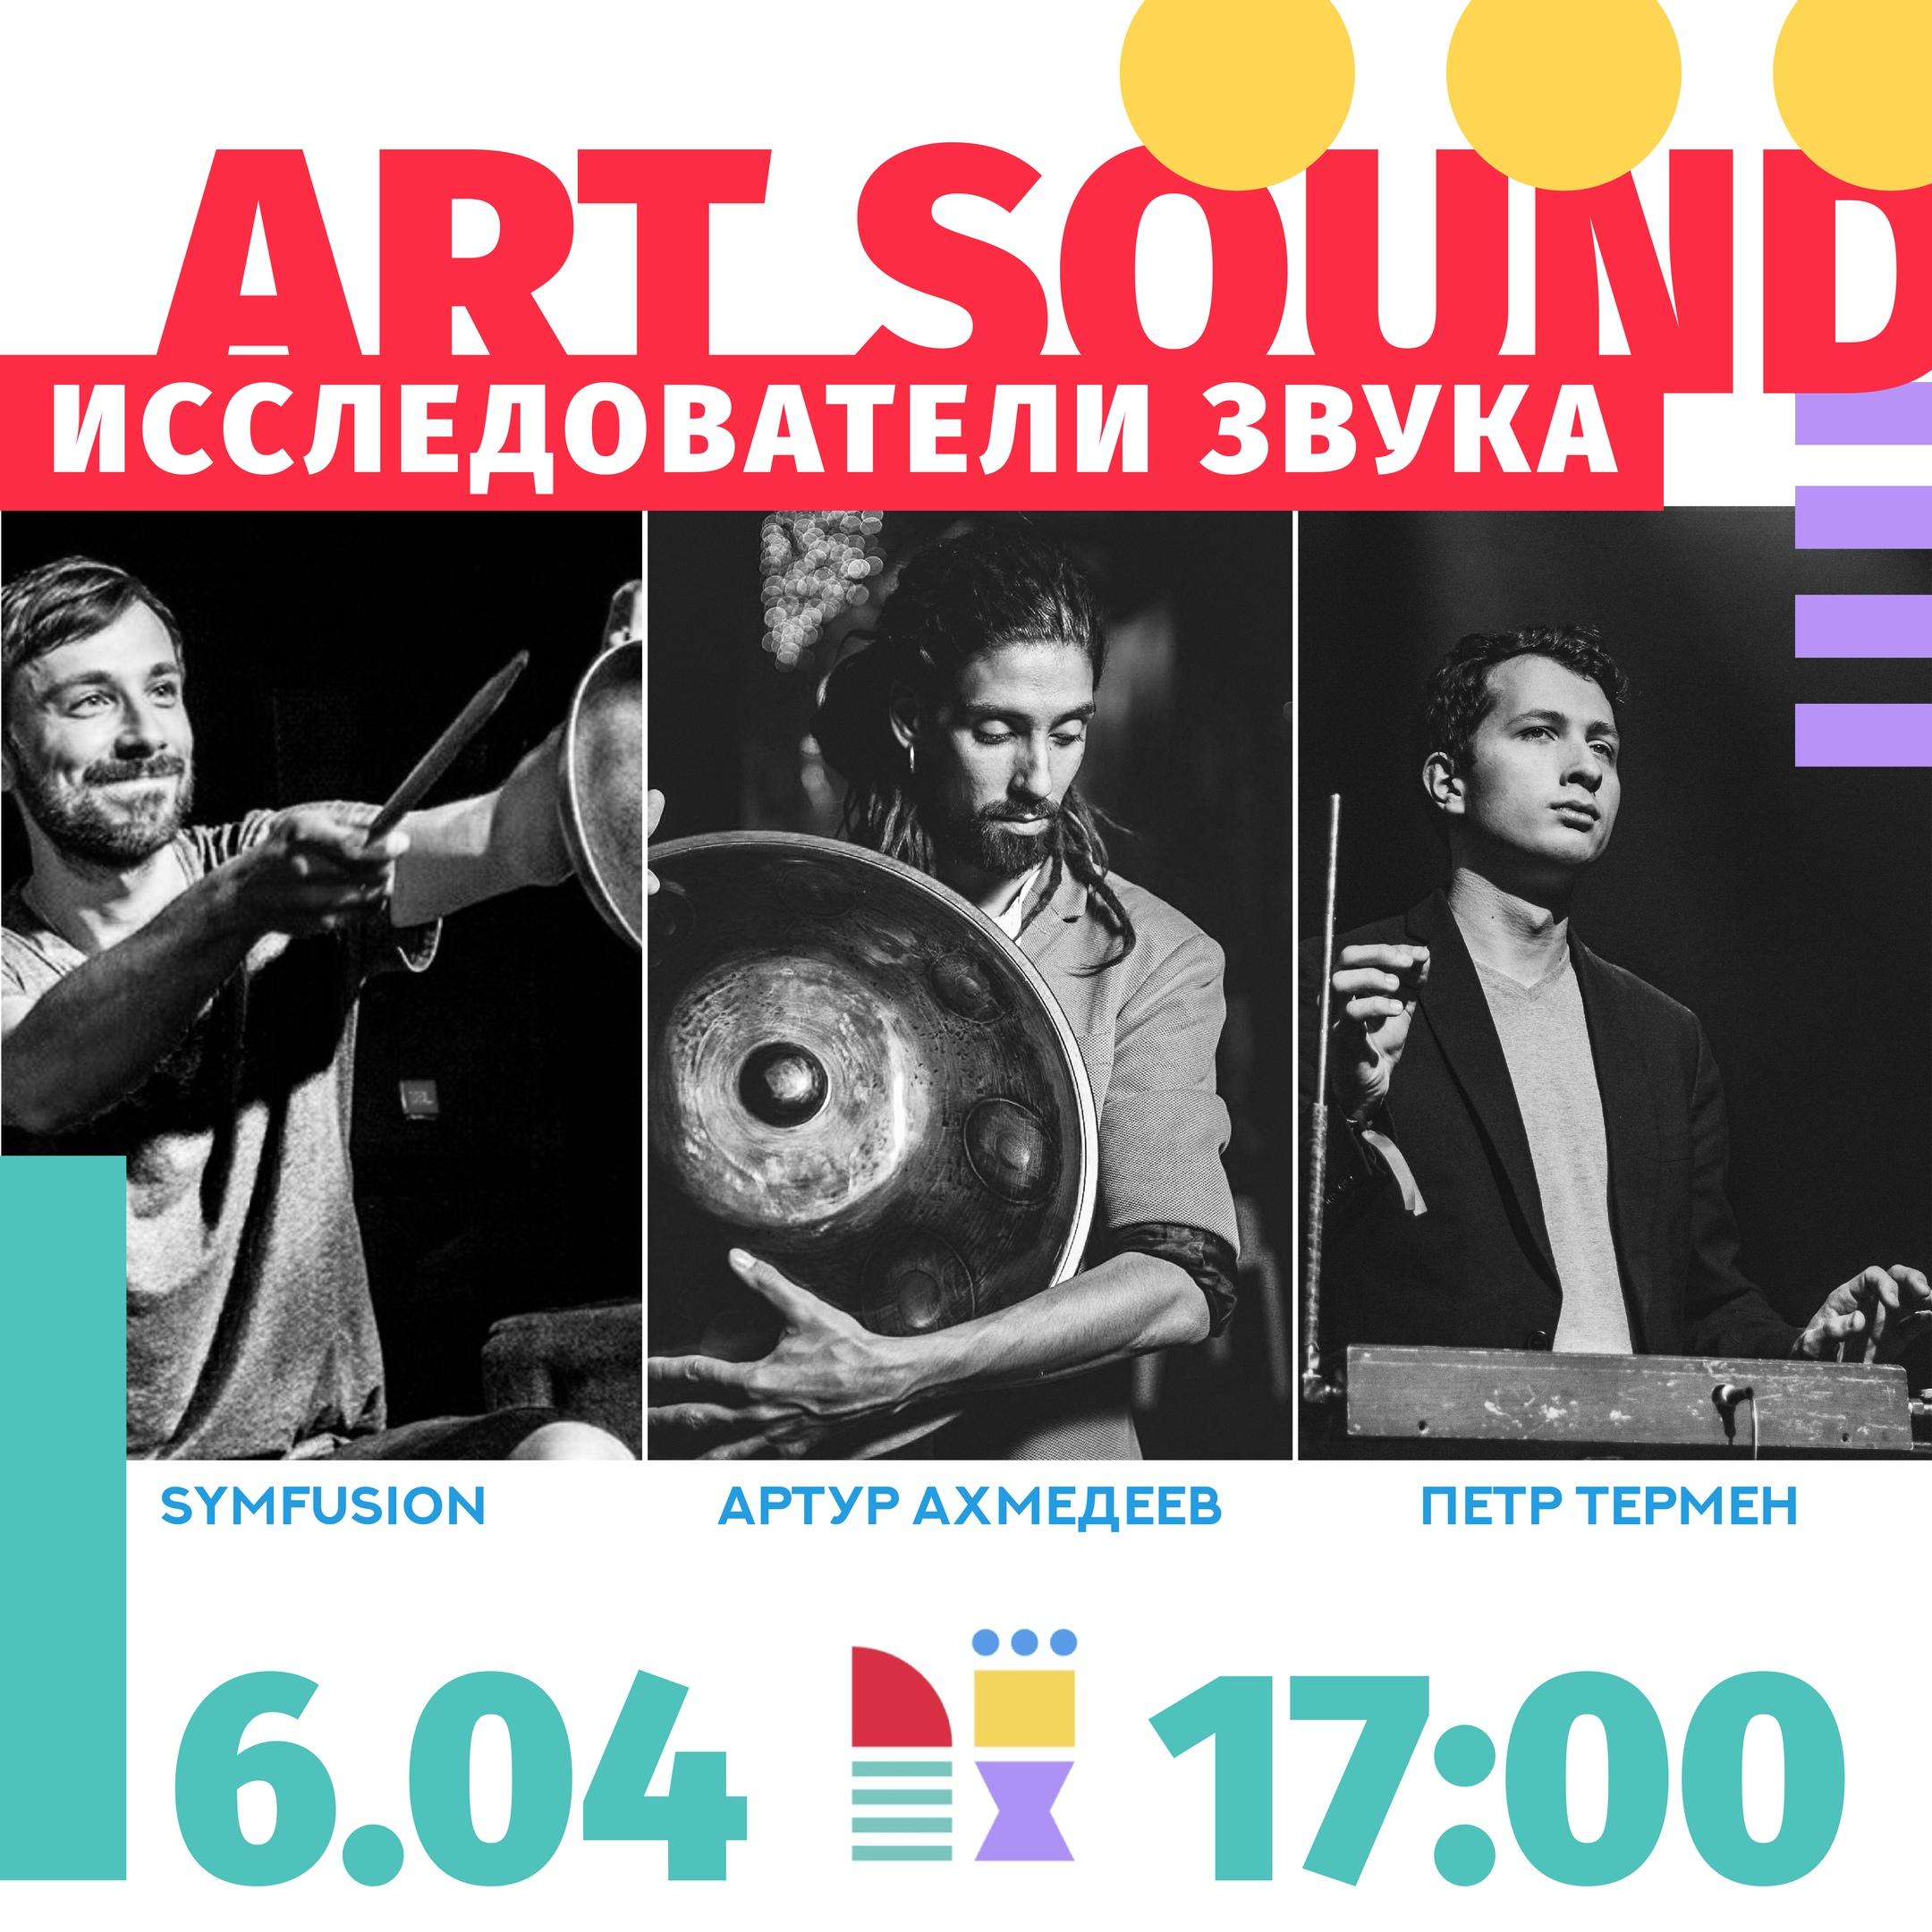 Петр Термен в Наро-Фоминске - концерт